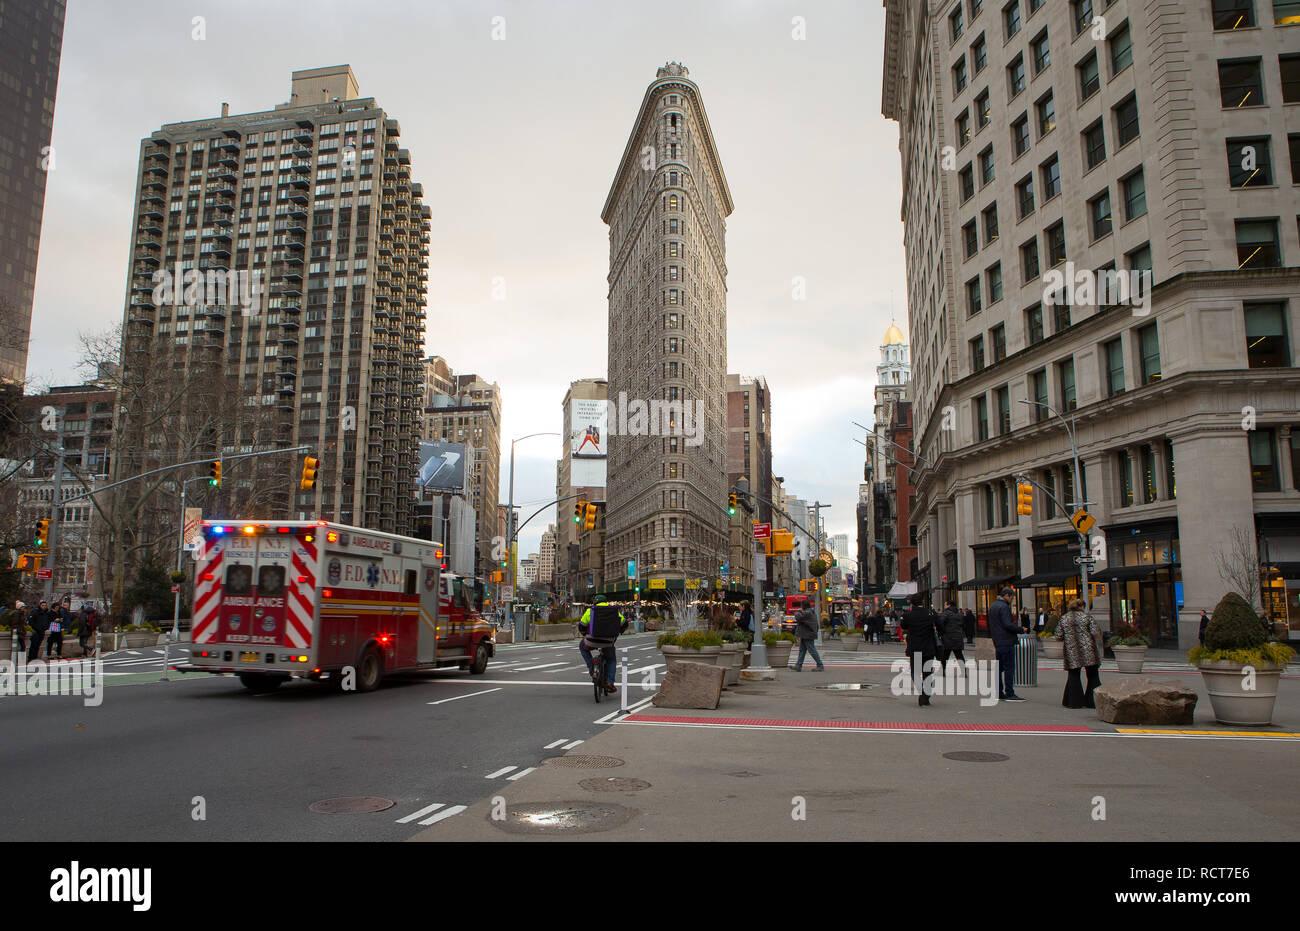 Allgemeine Ansicht GV des Flatiron Building, ursprünglich der Fuller Building, eine dreieckige 22-Story, 285 Fuß (87 m) hoch Stahlrahmen landmarke Stockbild